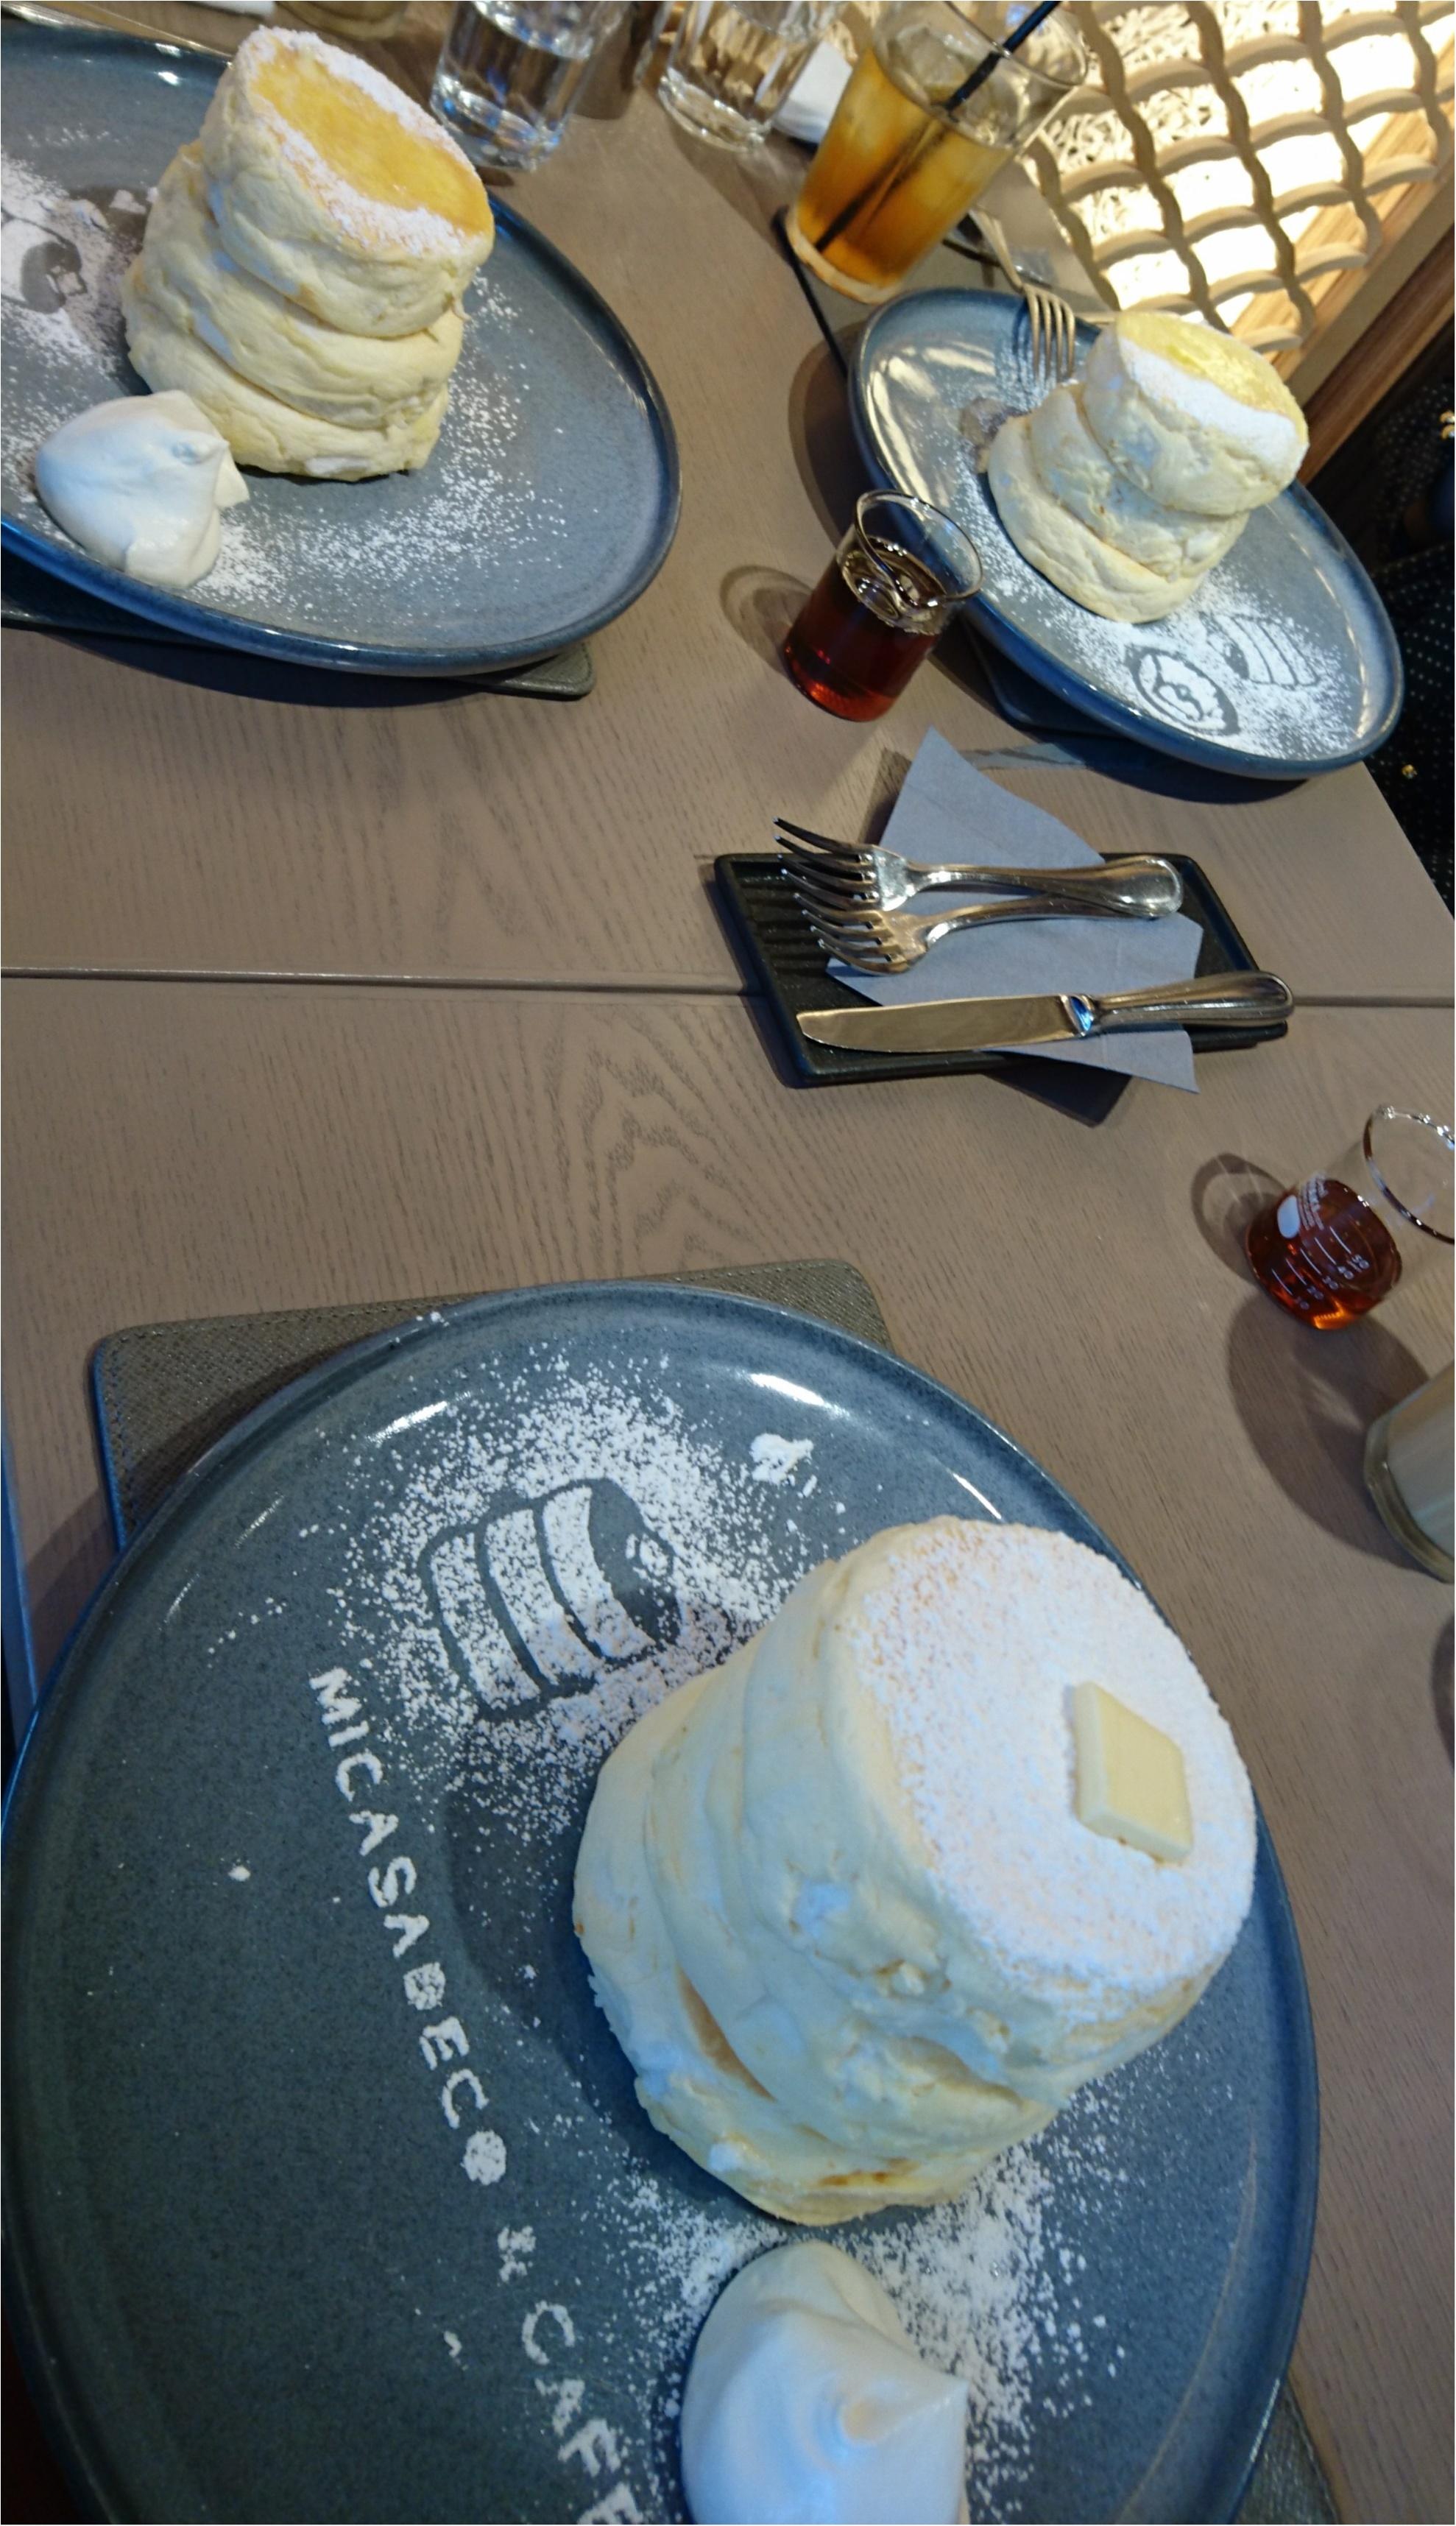 並んででも食べたいふわっふわパンケーキ♡神宮にあるミカサデコ&カフェのリコッタチーズパンケーキ\(^^)/_3